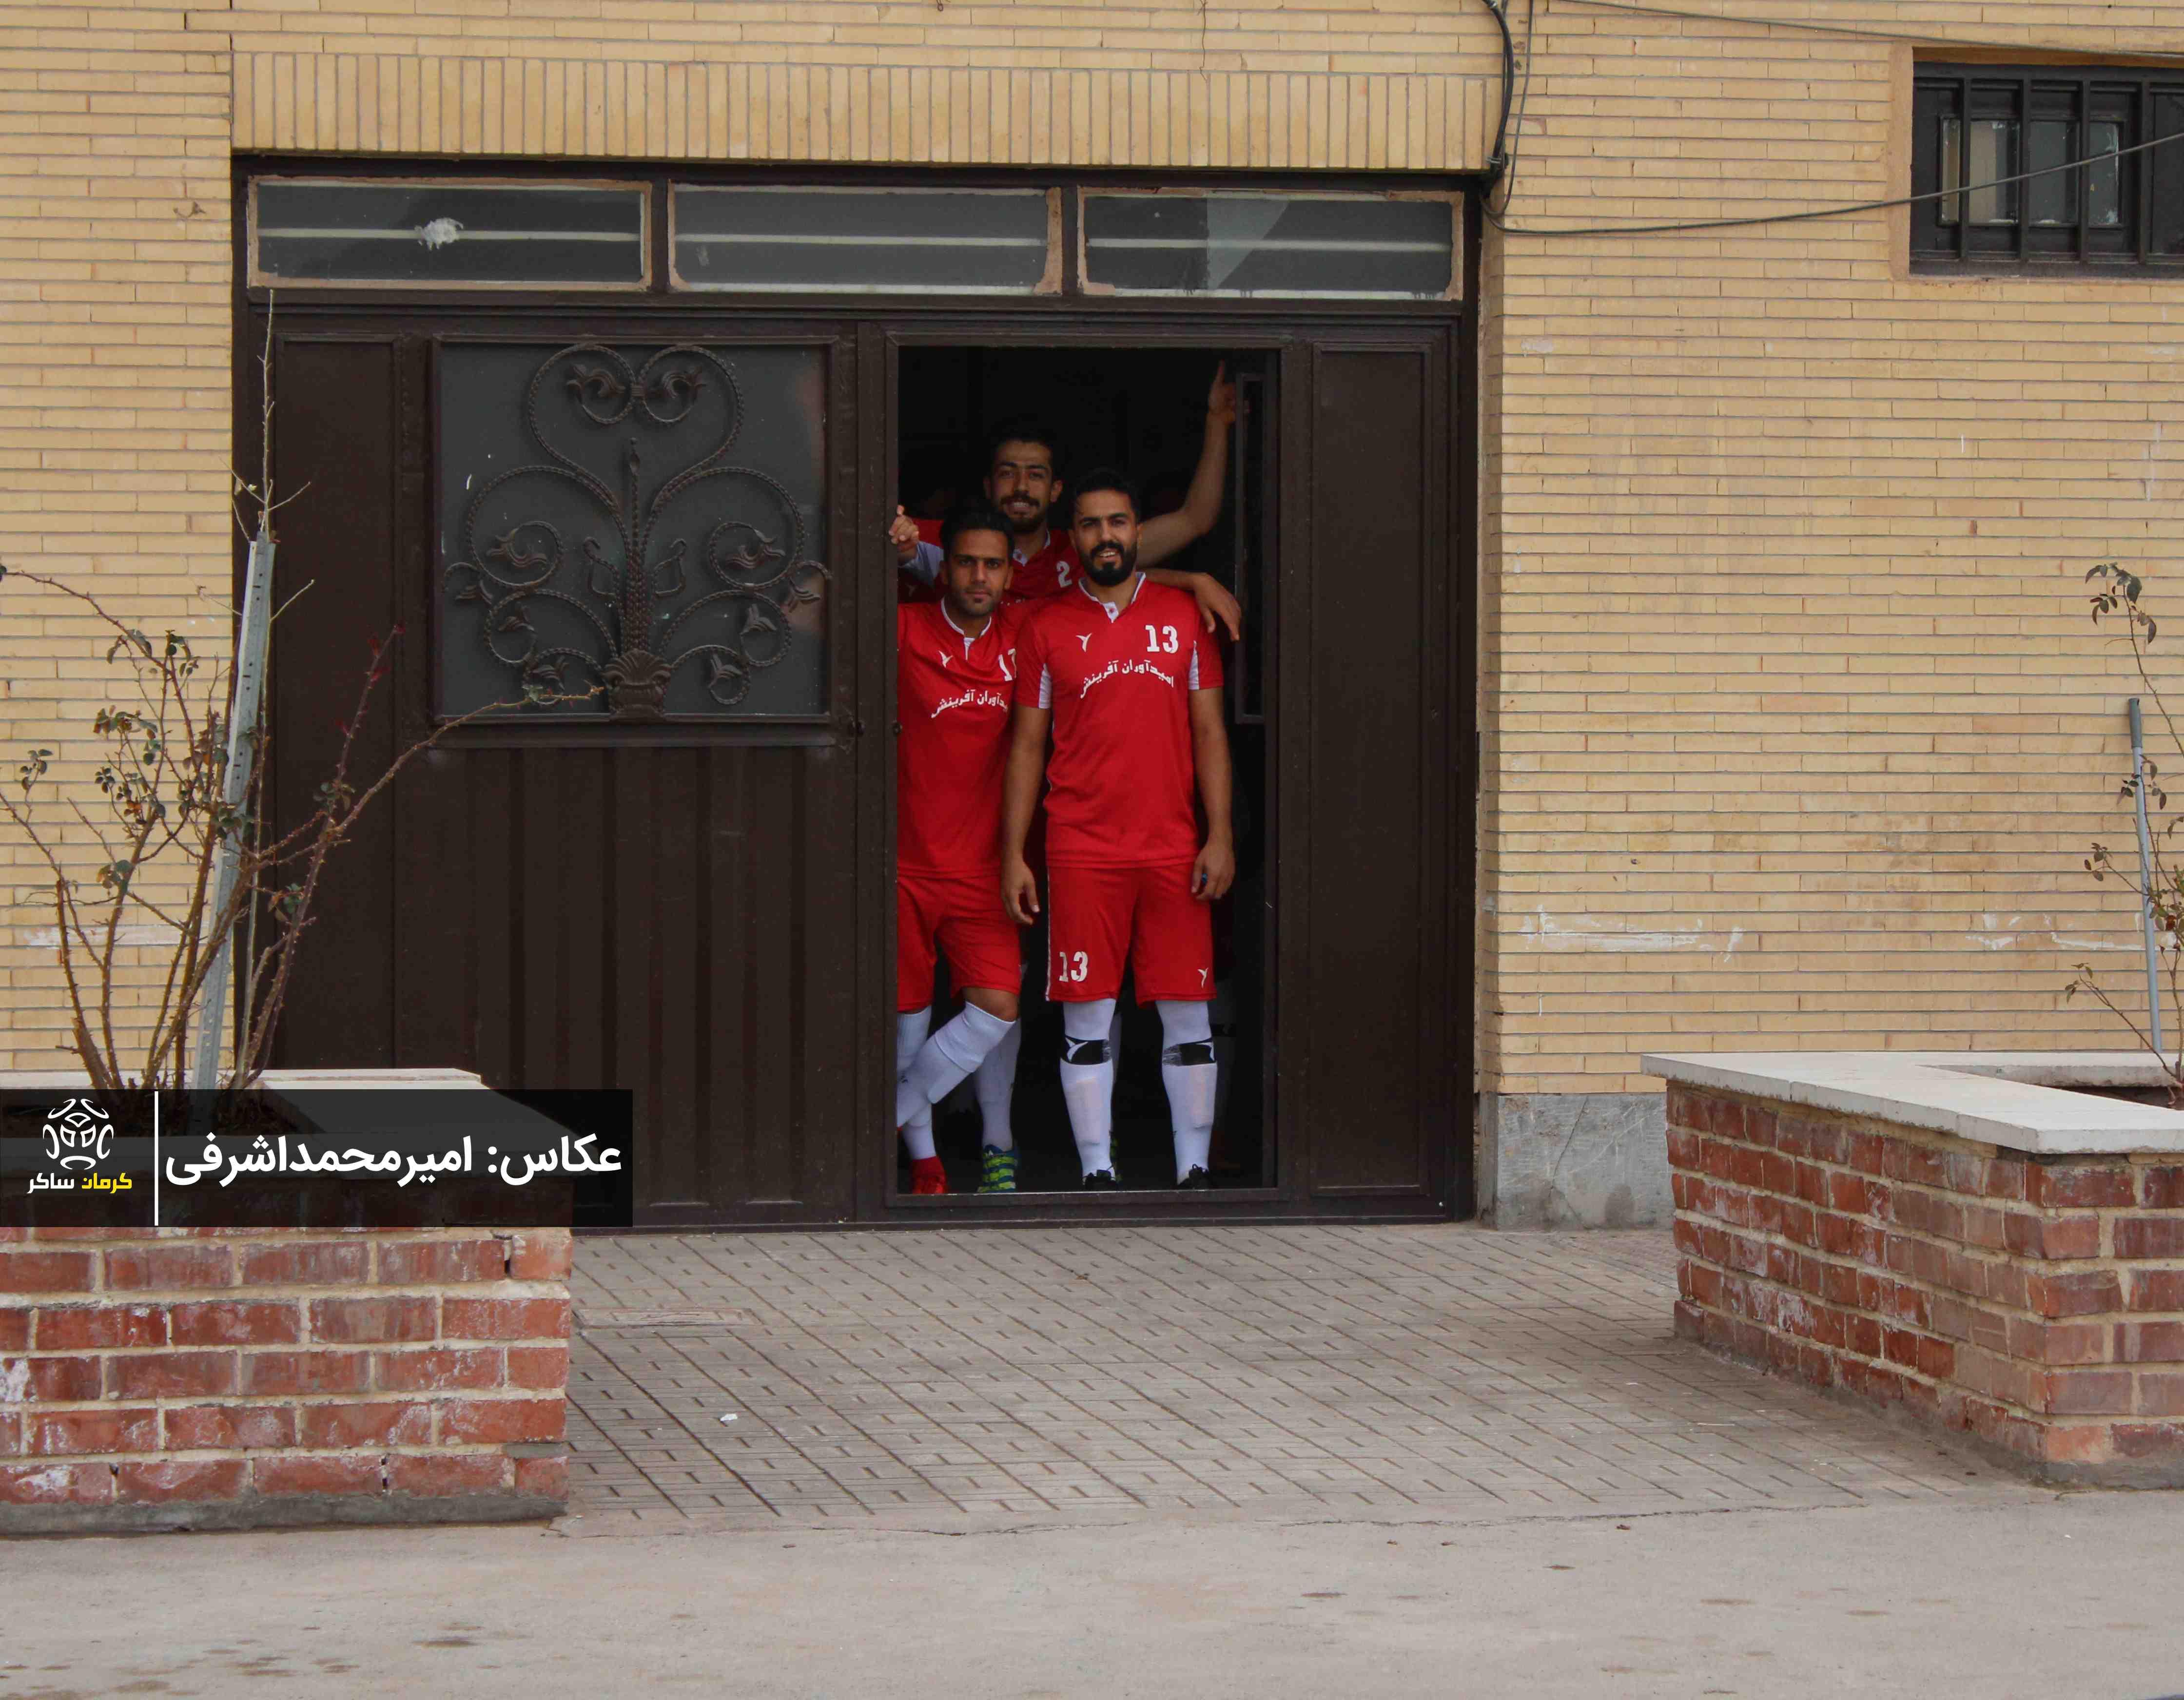 گزارش تصویری:هفته ششم لیگ دسته سوم کشور/مشیز کرمان- عقاب شیراز از دریچه دوربین امیرمحمد اشرفی